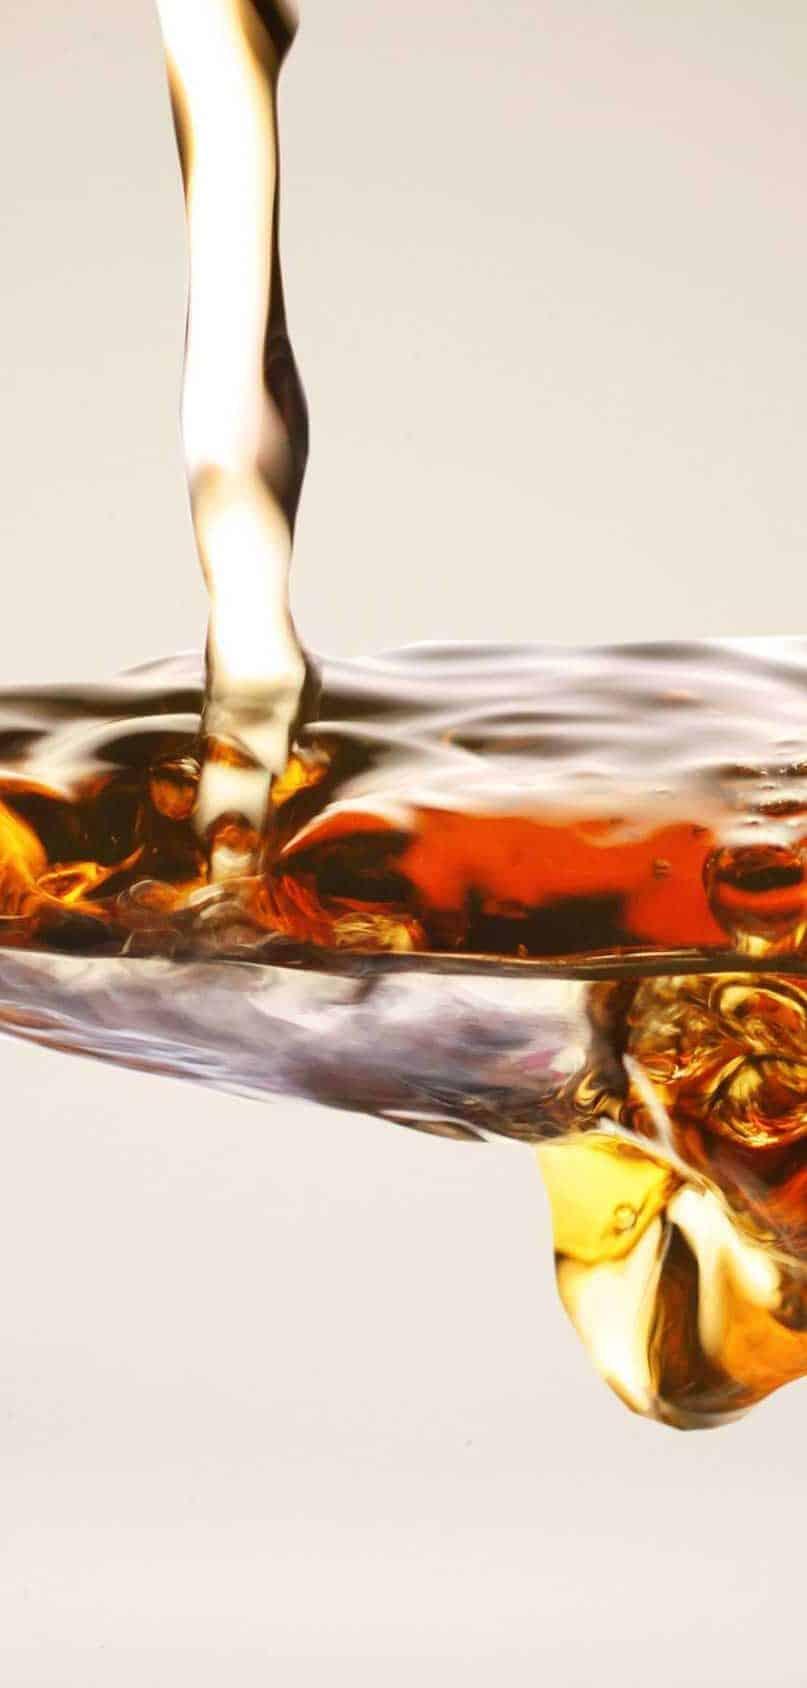 Top 10 Vinegar Home Remedies